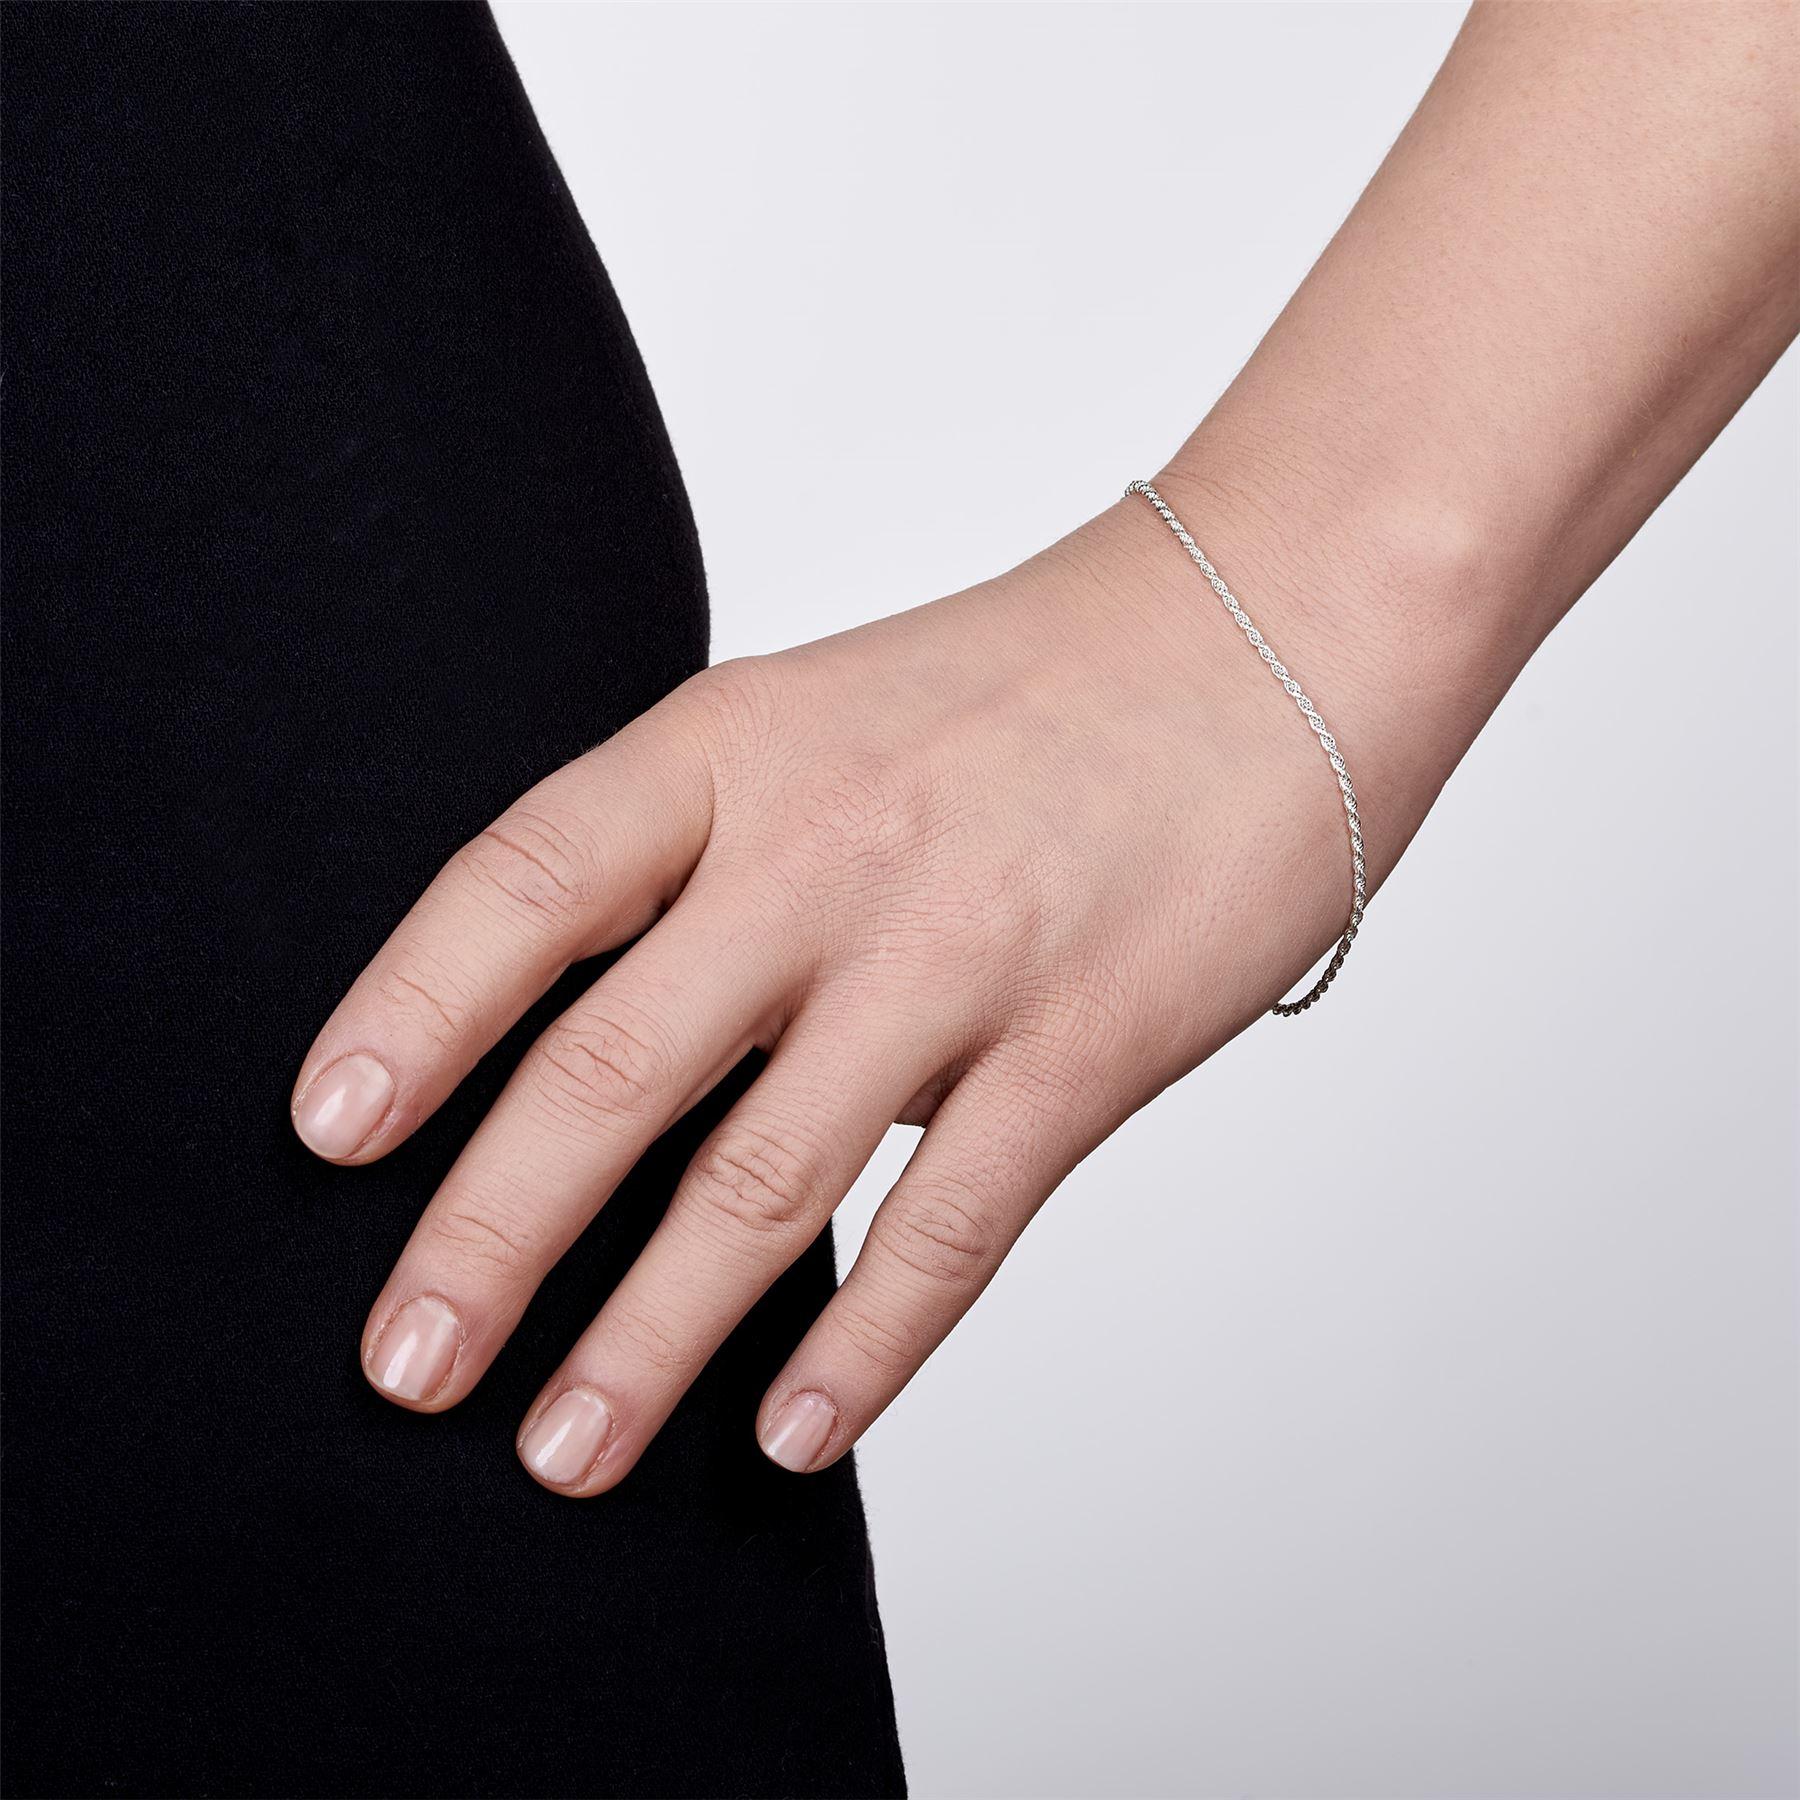 Amberta-Bijoux-Bracelet-en-Vrai-Argent-Sterling-925-Chaine-pour-Femme-a-la-Mode thumbnail 30